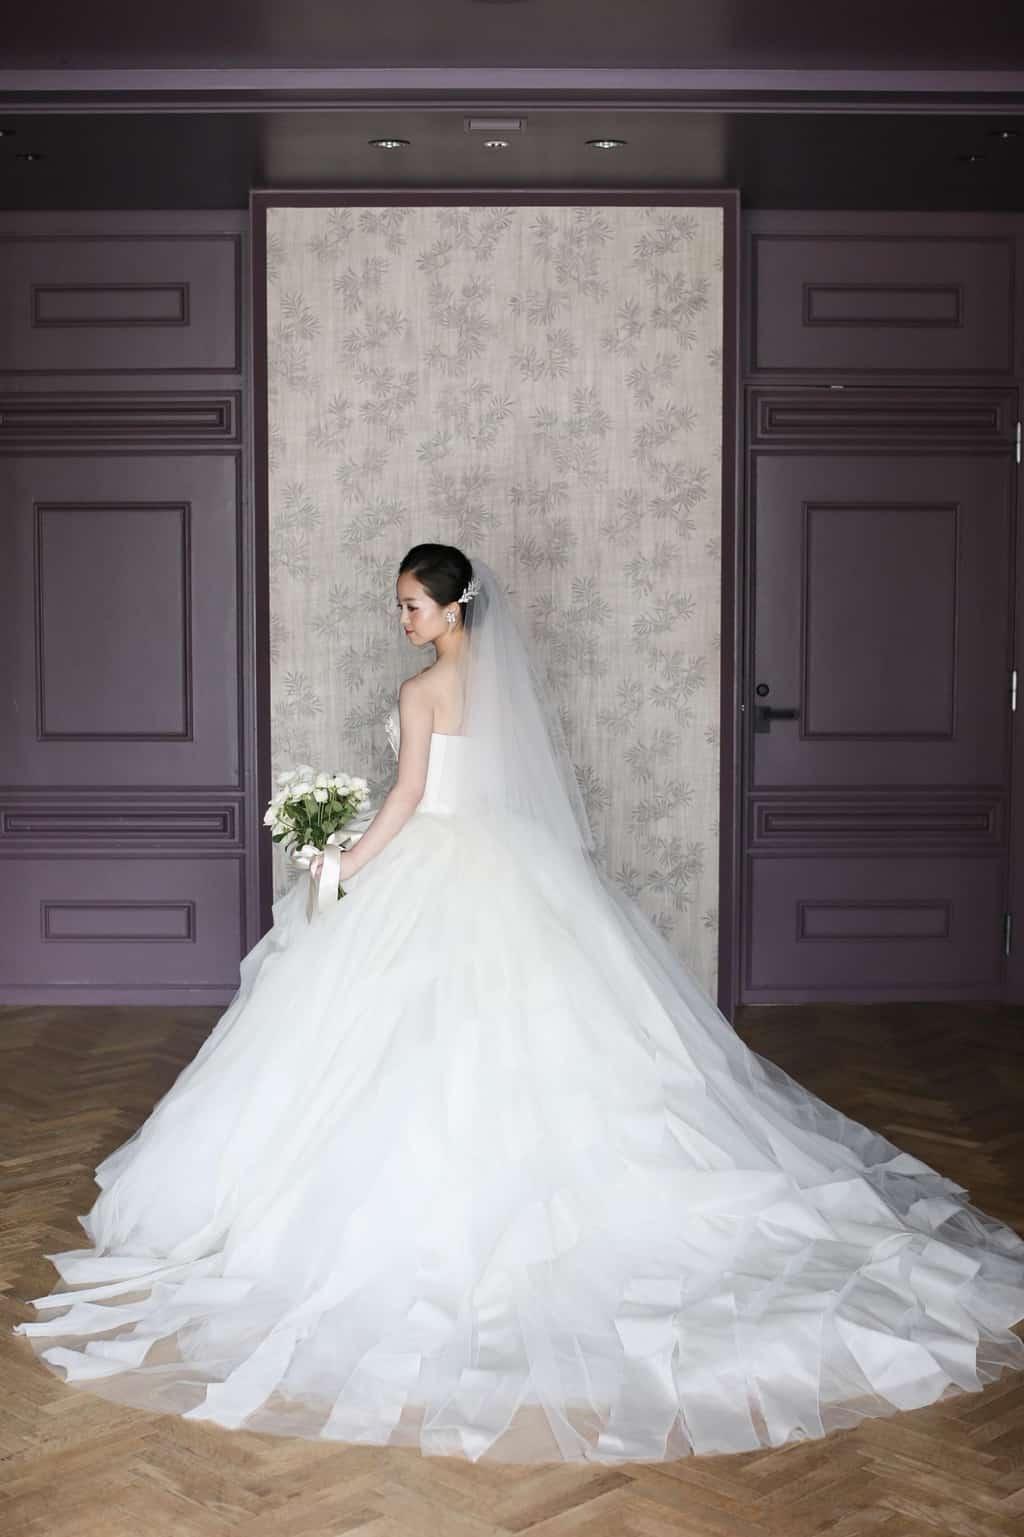 【大人花嫁に人気!】体型カバー&クラス感あふれるドレス30選のカバー写真